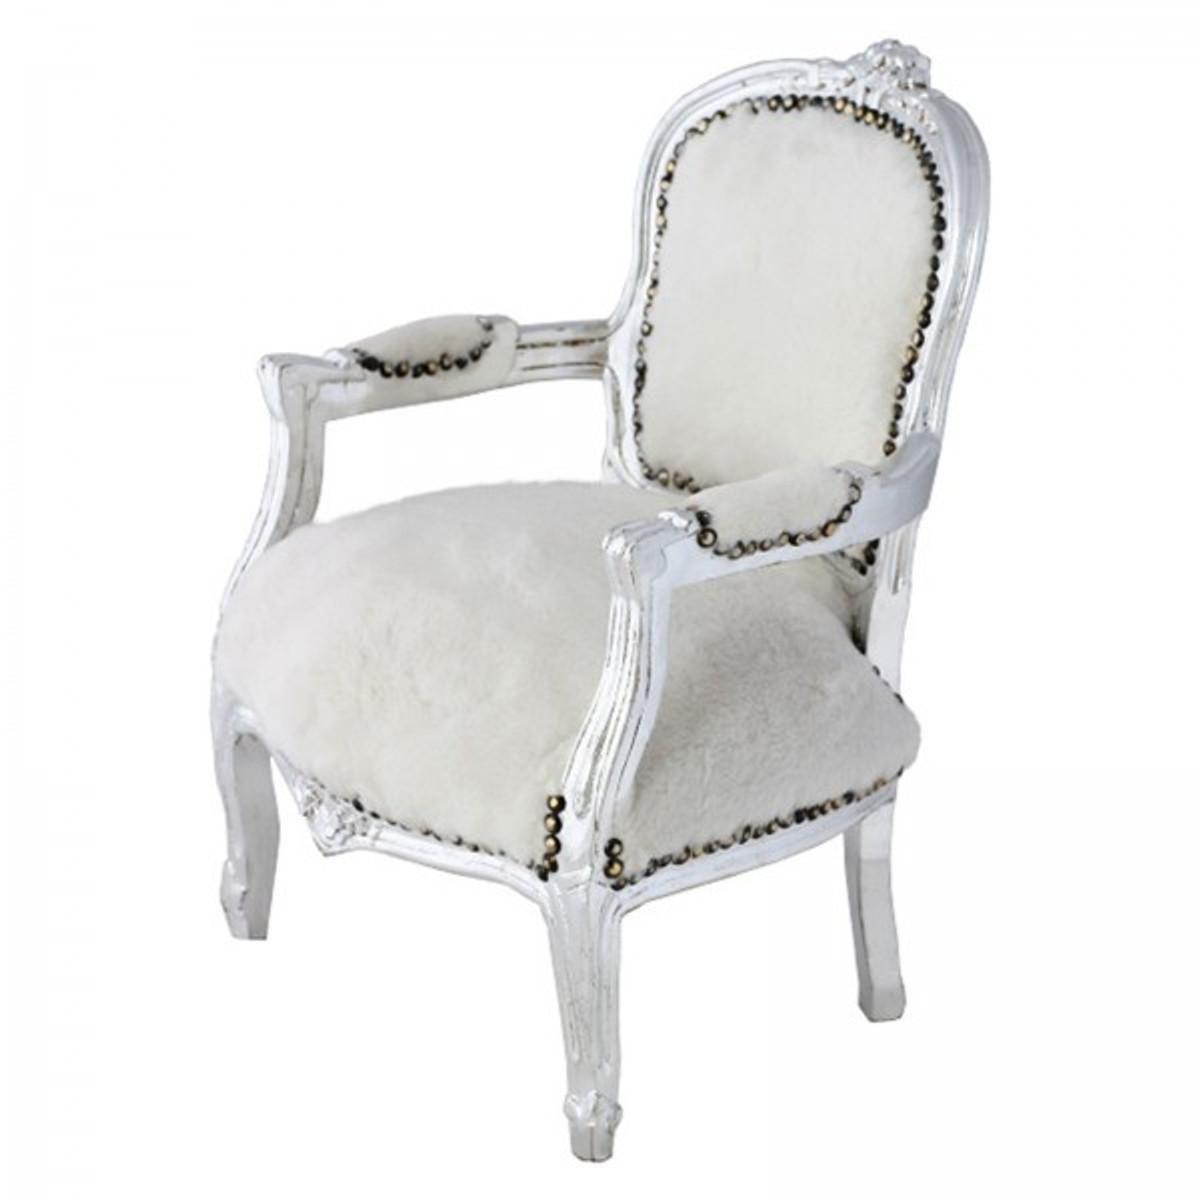 Fell Für Stuhl plüsch stoff barockmöbel kinderzimmer stuhl weiß silber fell bezug